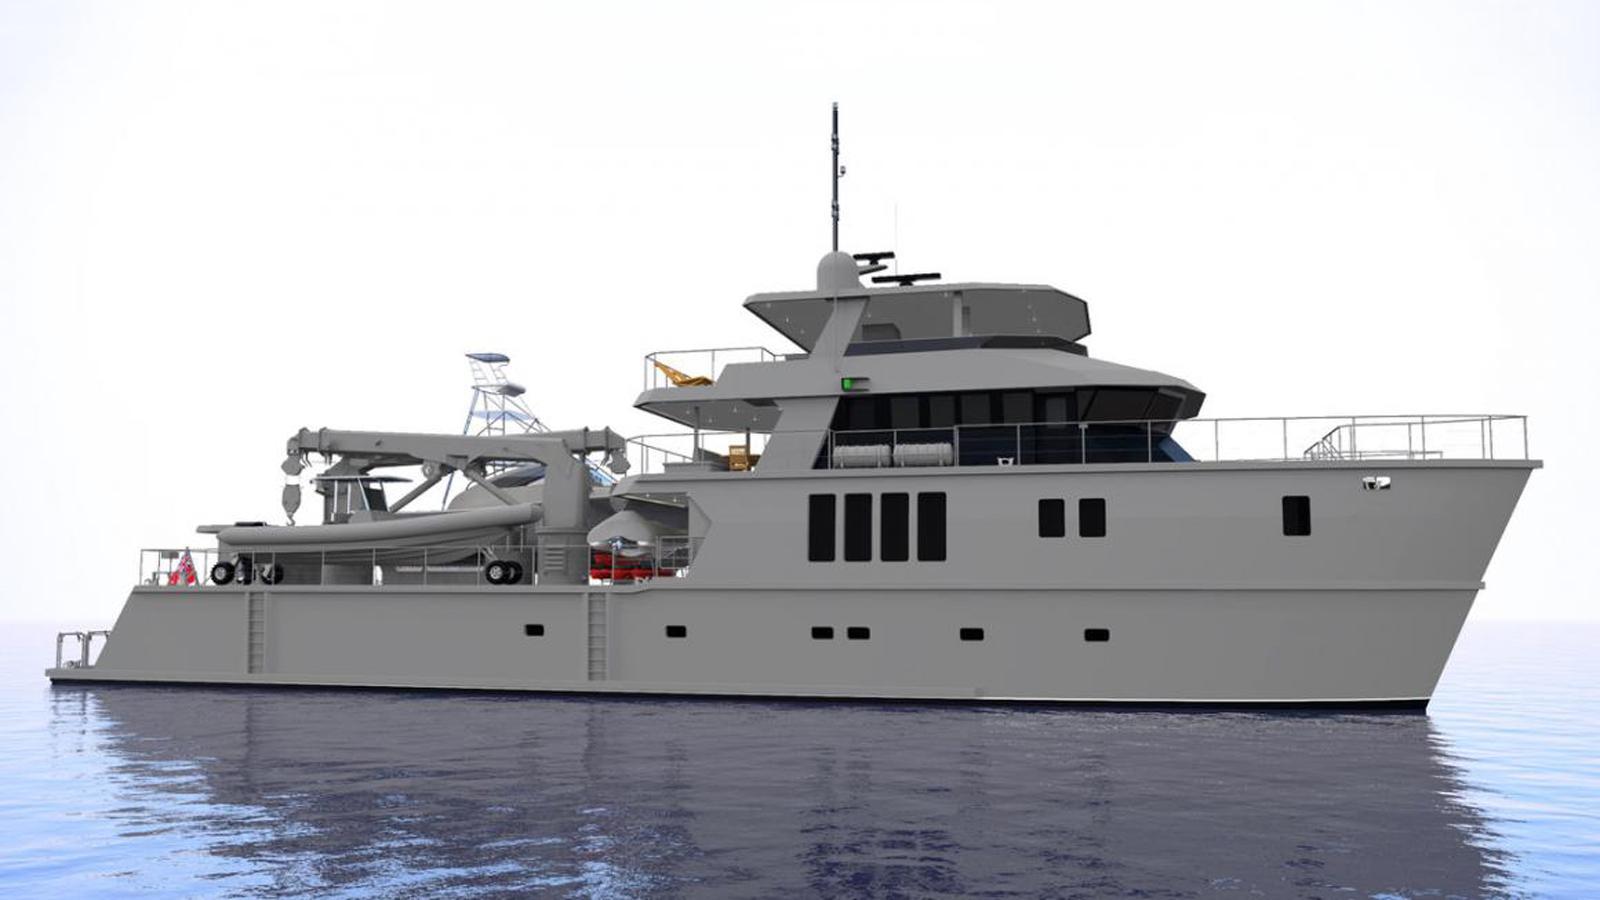 the beast motoryacht profab 39m 2019 rendering